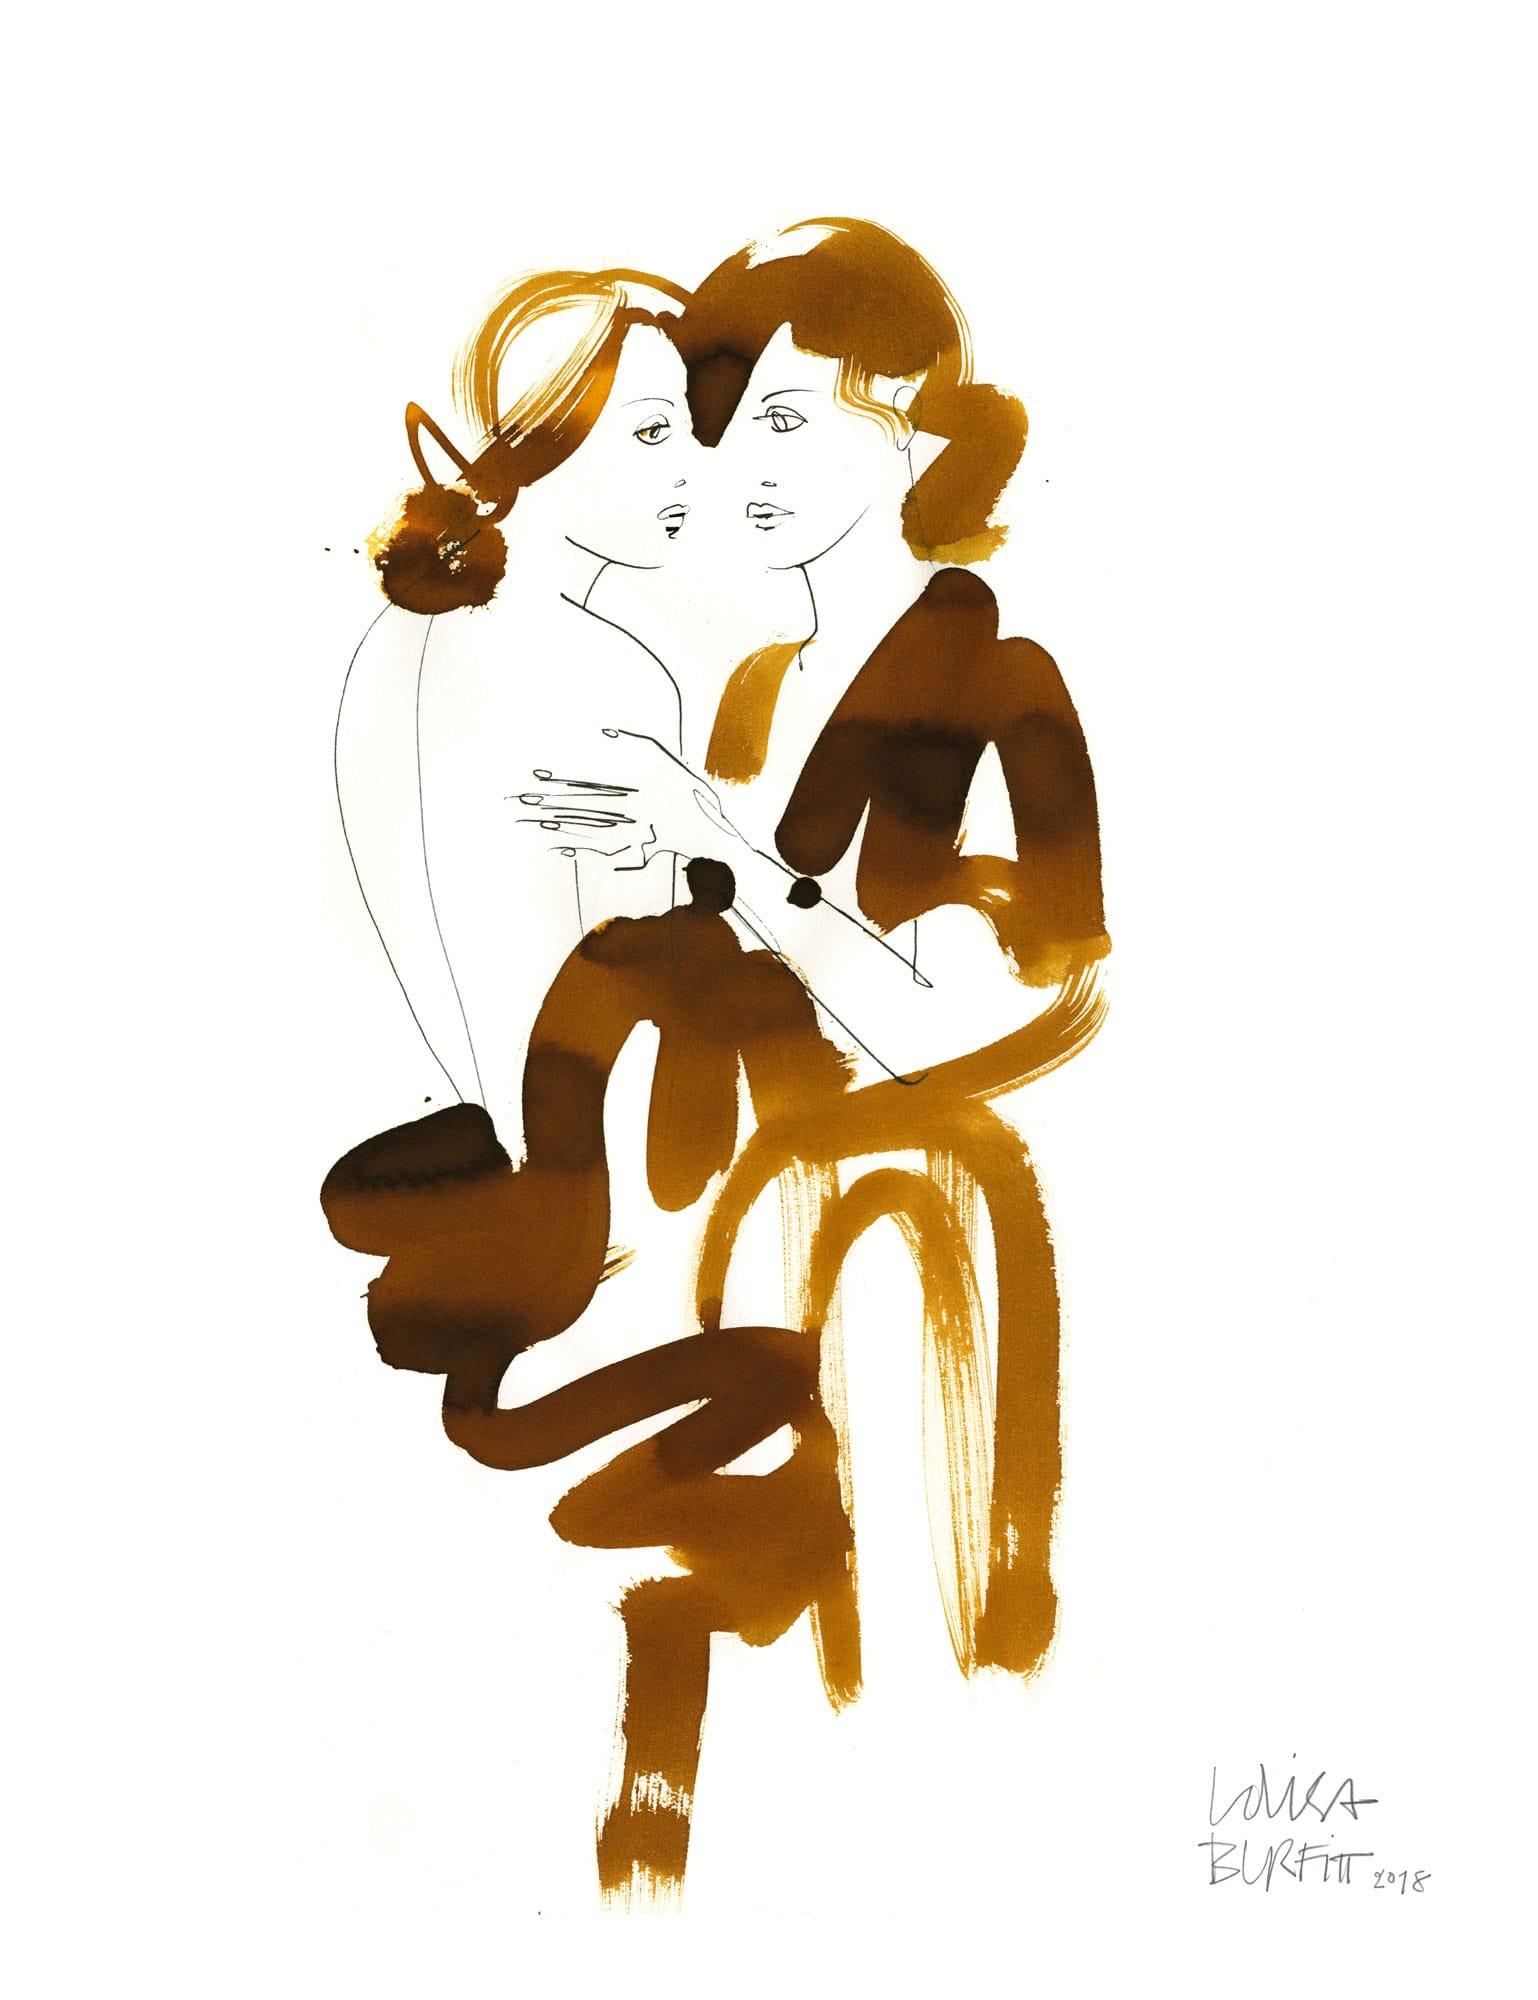 Lovisa Burfitt illustration Reflets-ambre